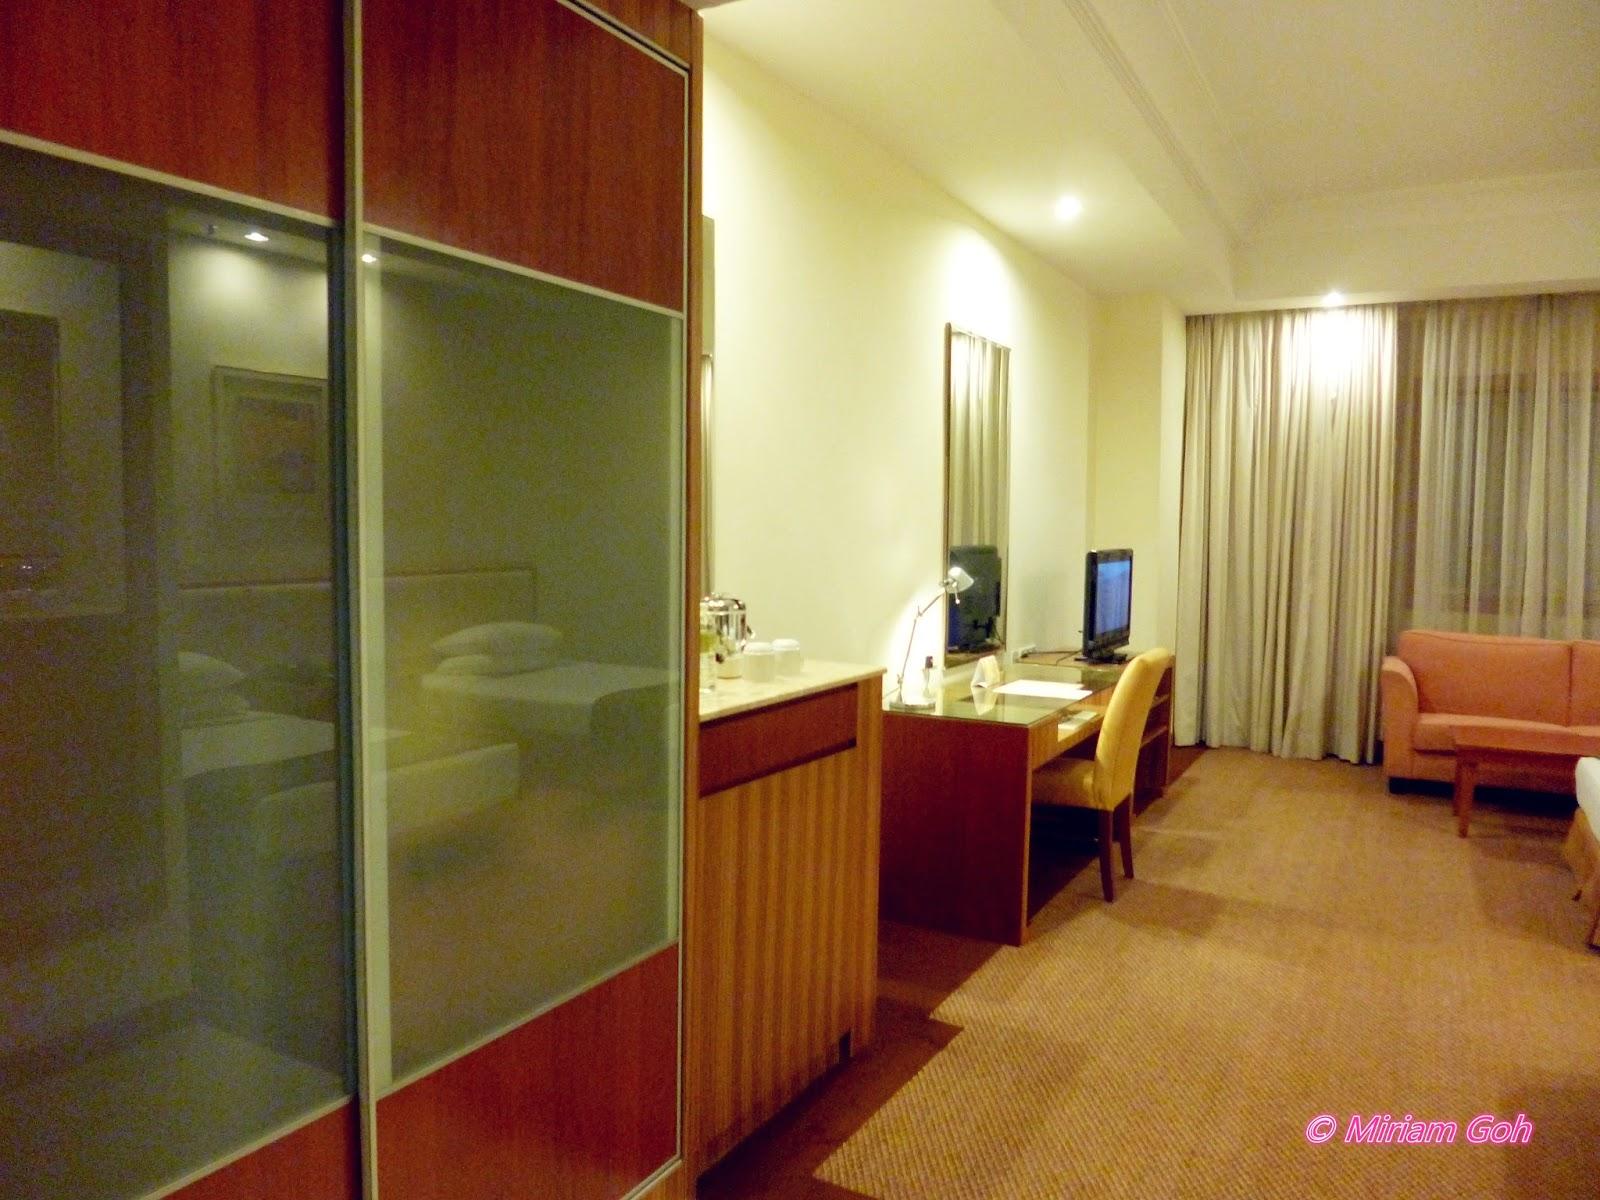 REVIEW: Sunway Putra Hotel - ♥Miriam MerryGoRound♥